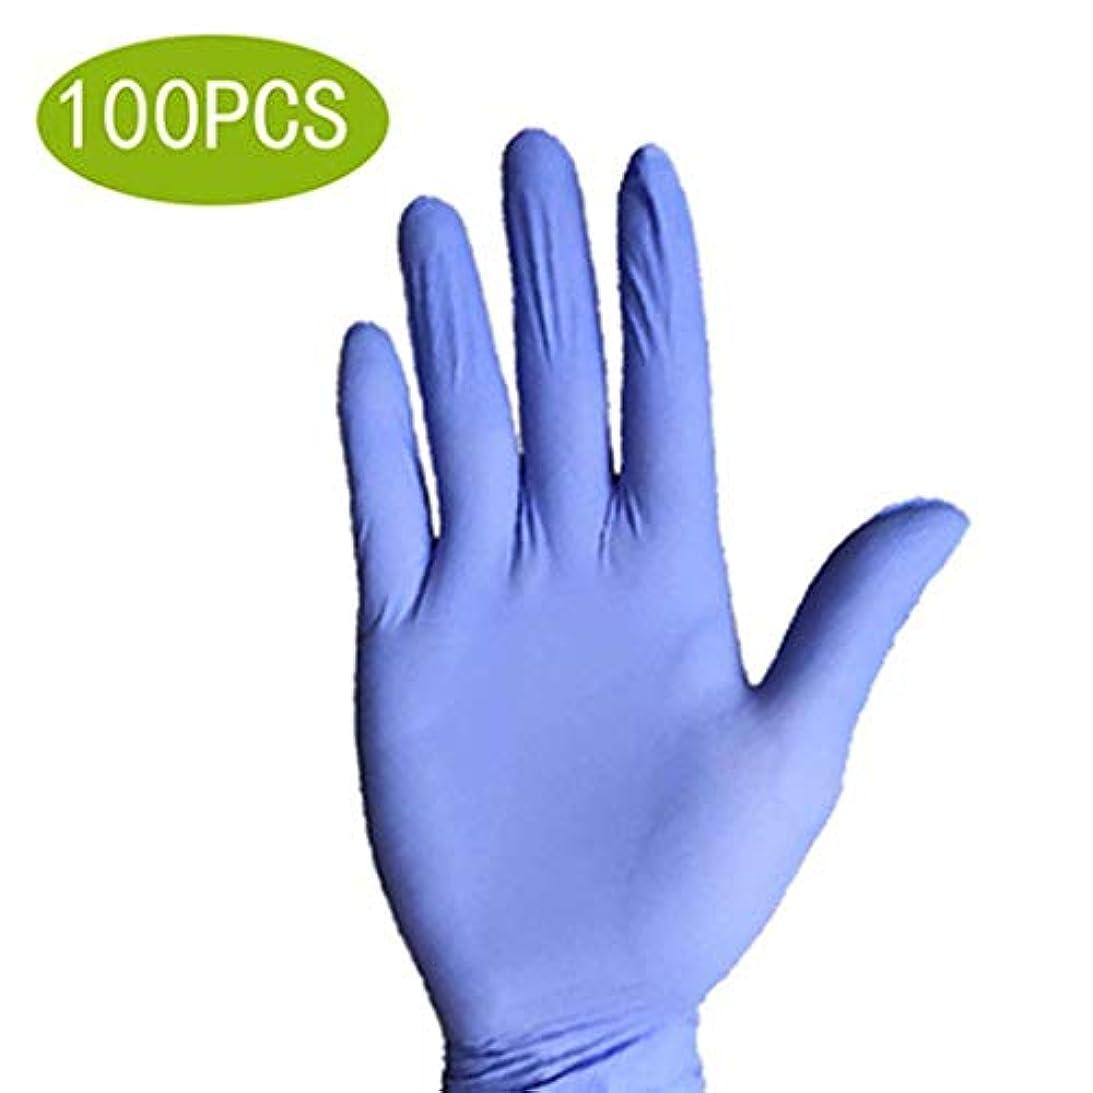 寝室ピアニストスロー保護用使い捨てニトリル医療用手袋、ラテックスフリー、試験グレードの手袋、テクスチャード加工、両性、非滅菌、100個入り (Size : L)